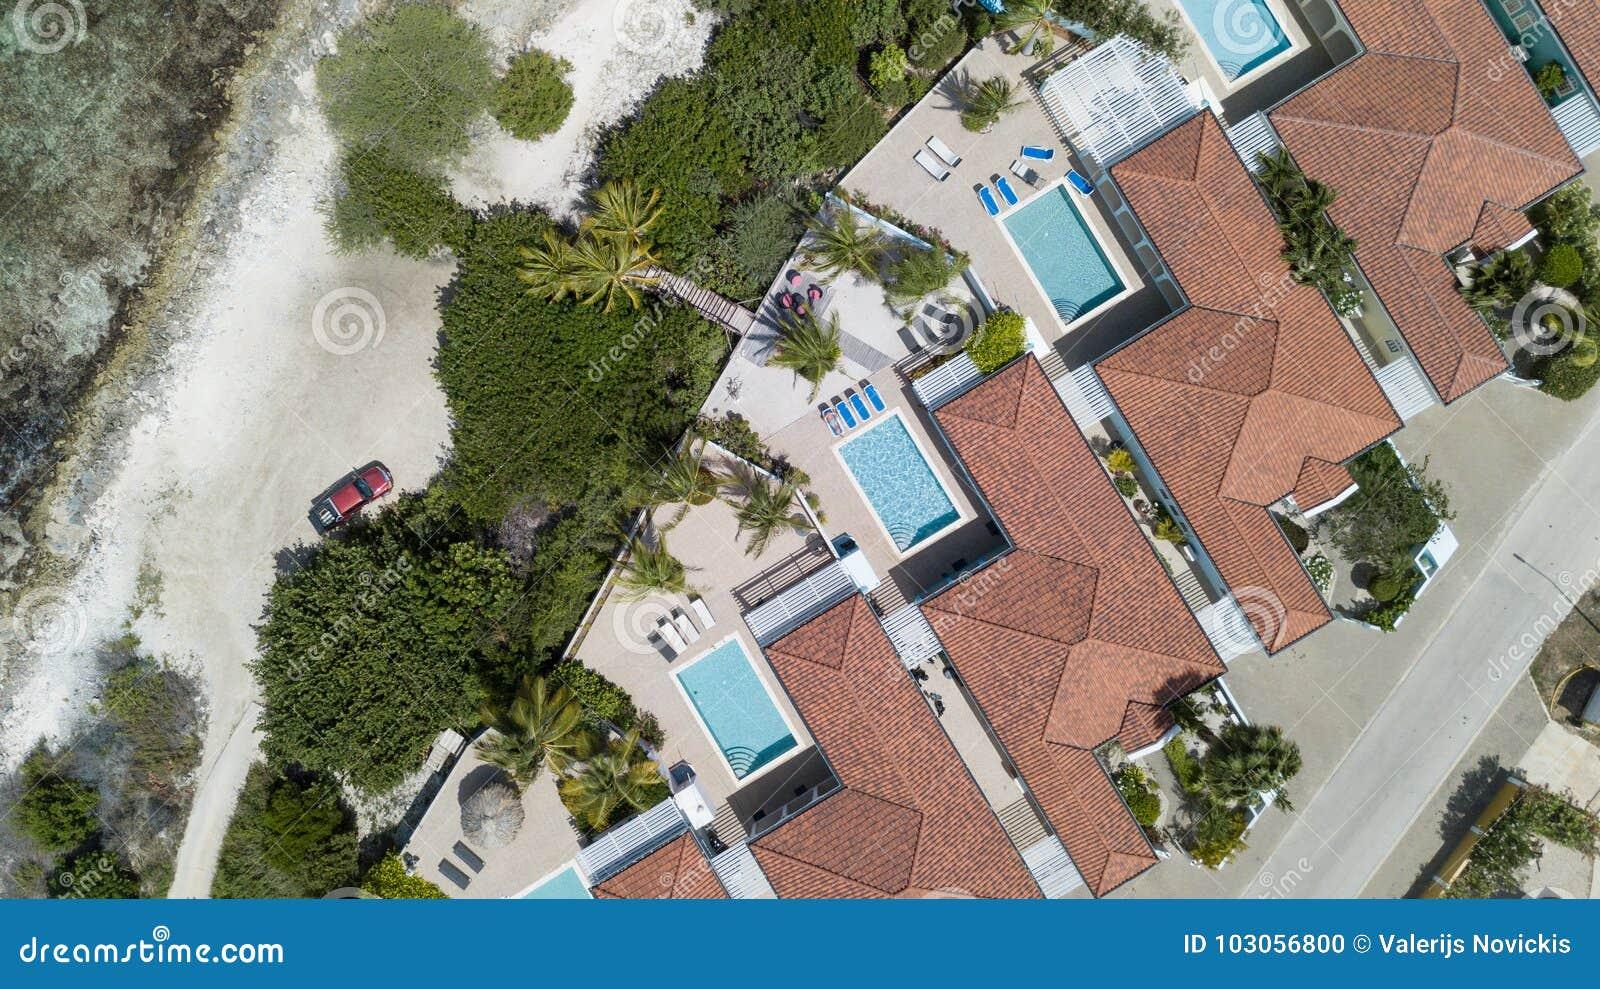 Villa Beach Coast Bonaire Island Caribbean Sea Aerial Drone Top View